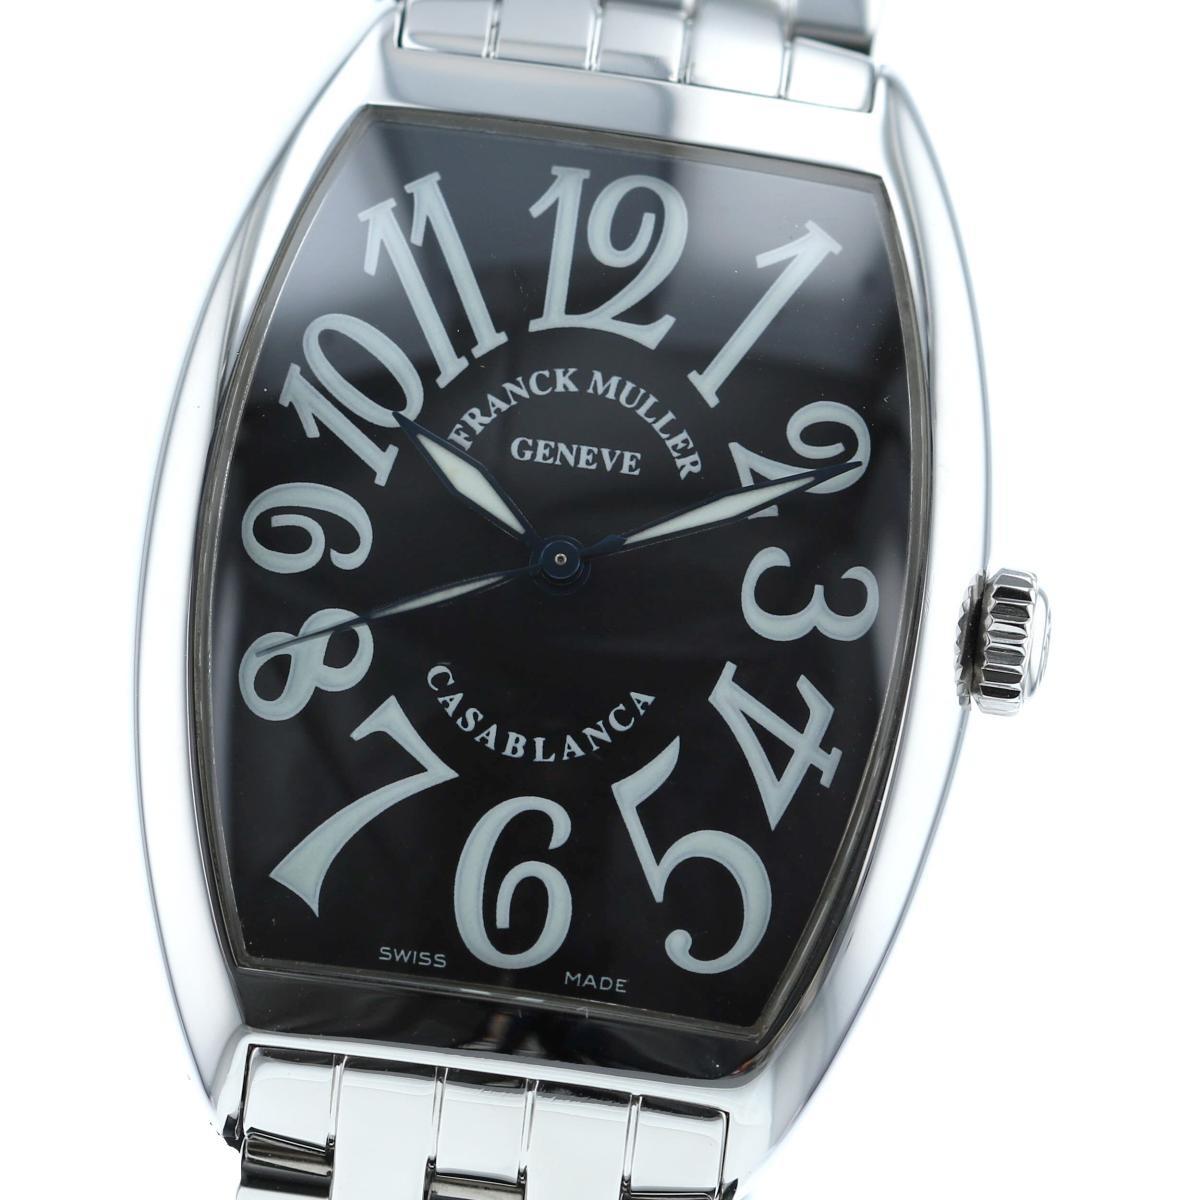 【最終値下げ】【中古】FRANCK MULLER (フランクミュラー) カサブランカ Black 時計 自動巻き/メンズ Casablanca Black/ブラック 6850CASA used:A